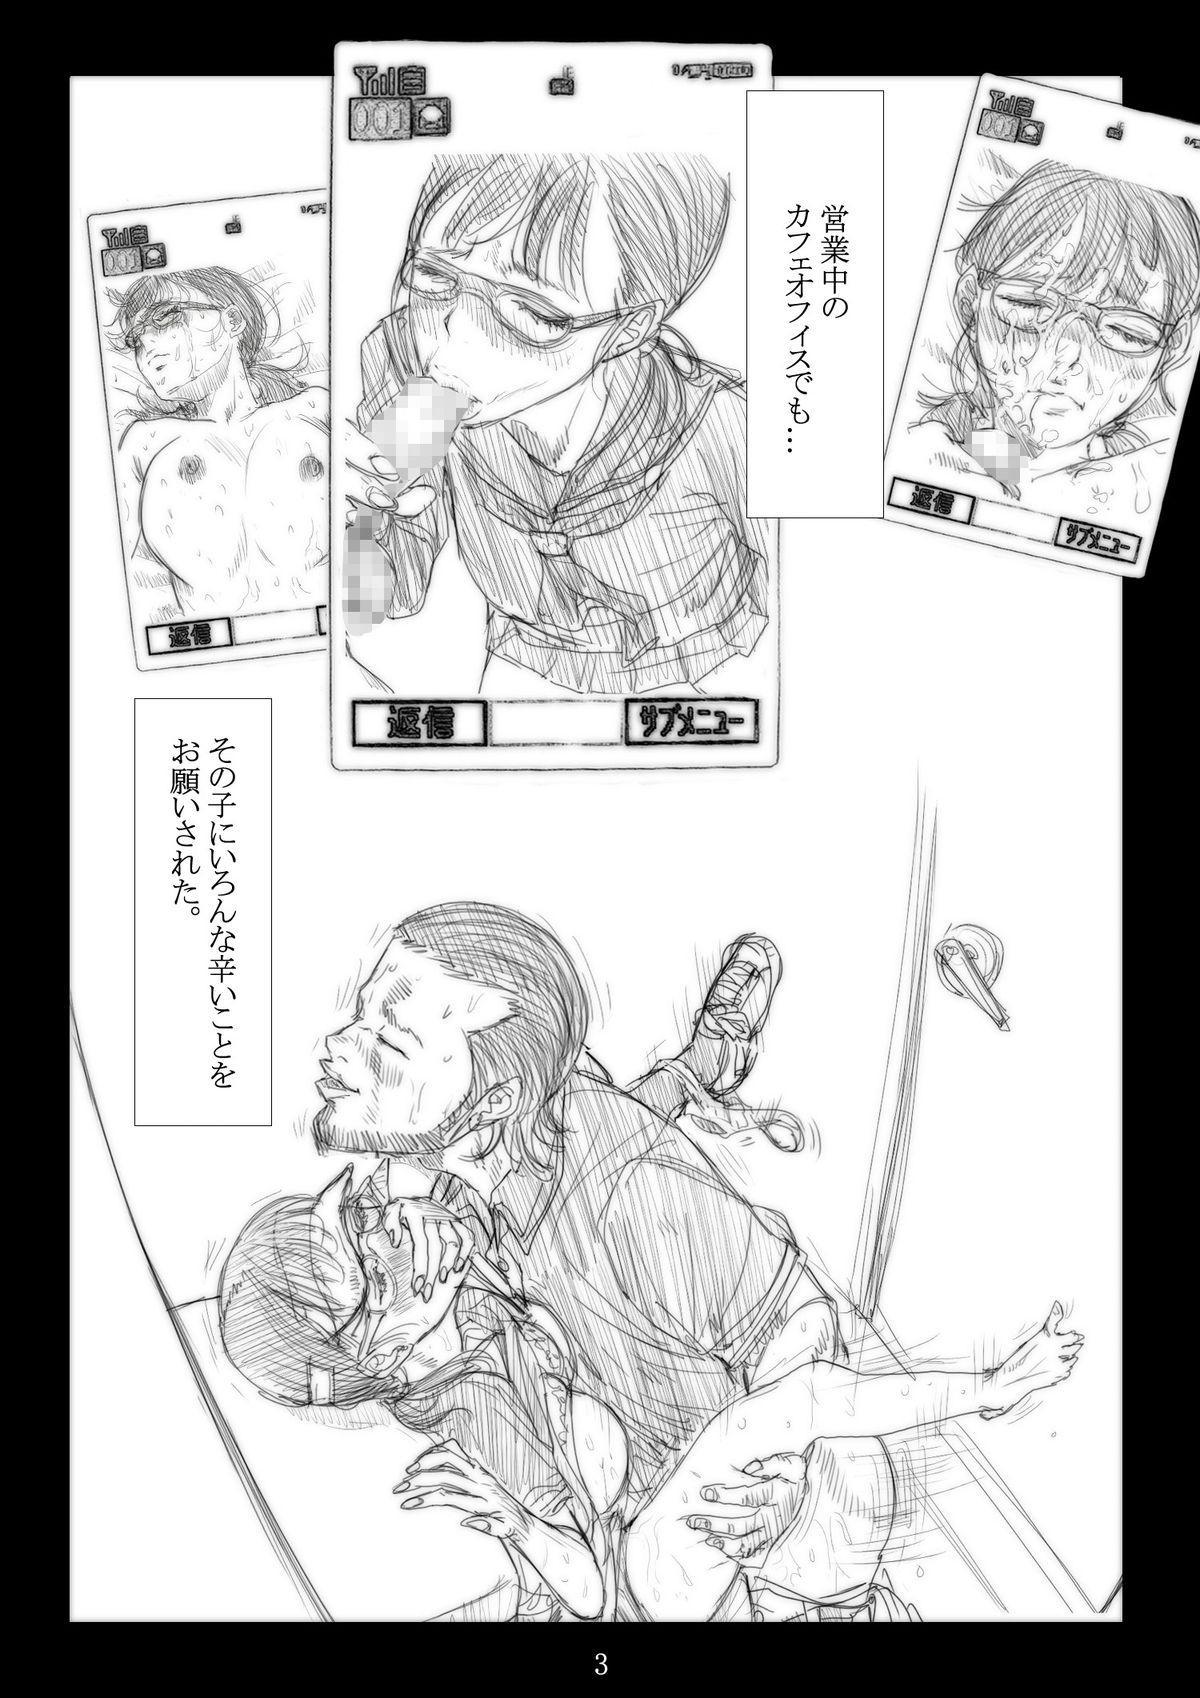 Renraku Tore nakatta 1-kkagetsukan Kanojo ni Nani ga Atta no ka... 2 3